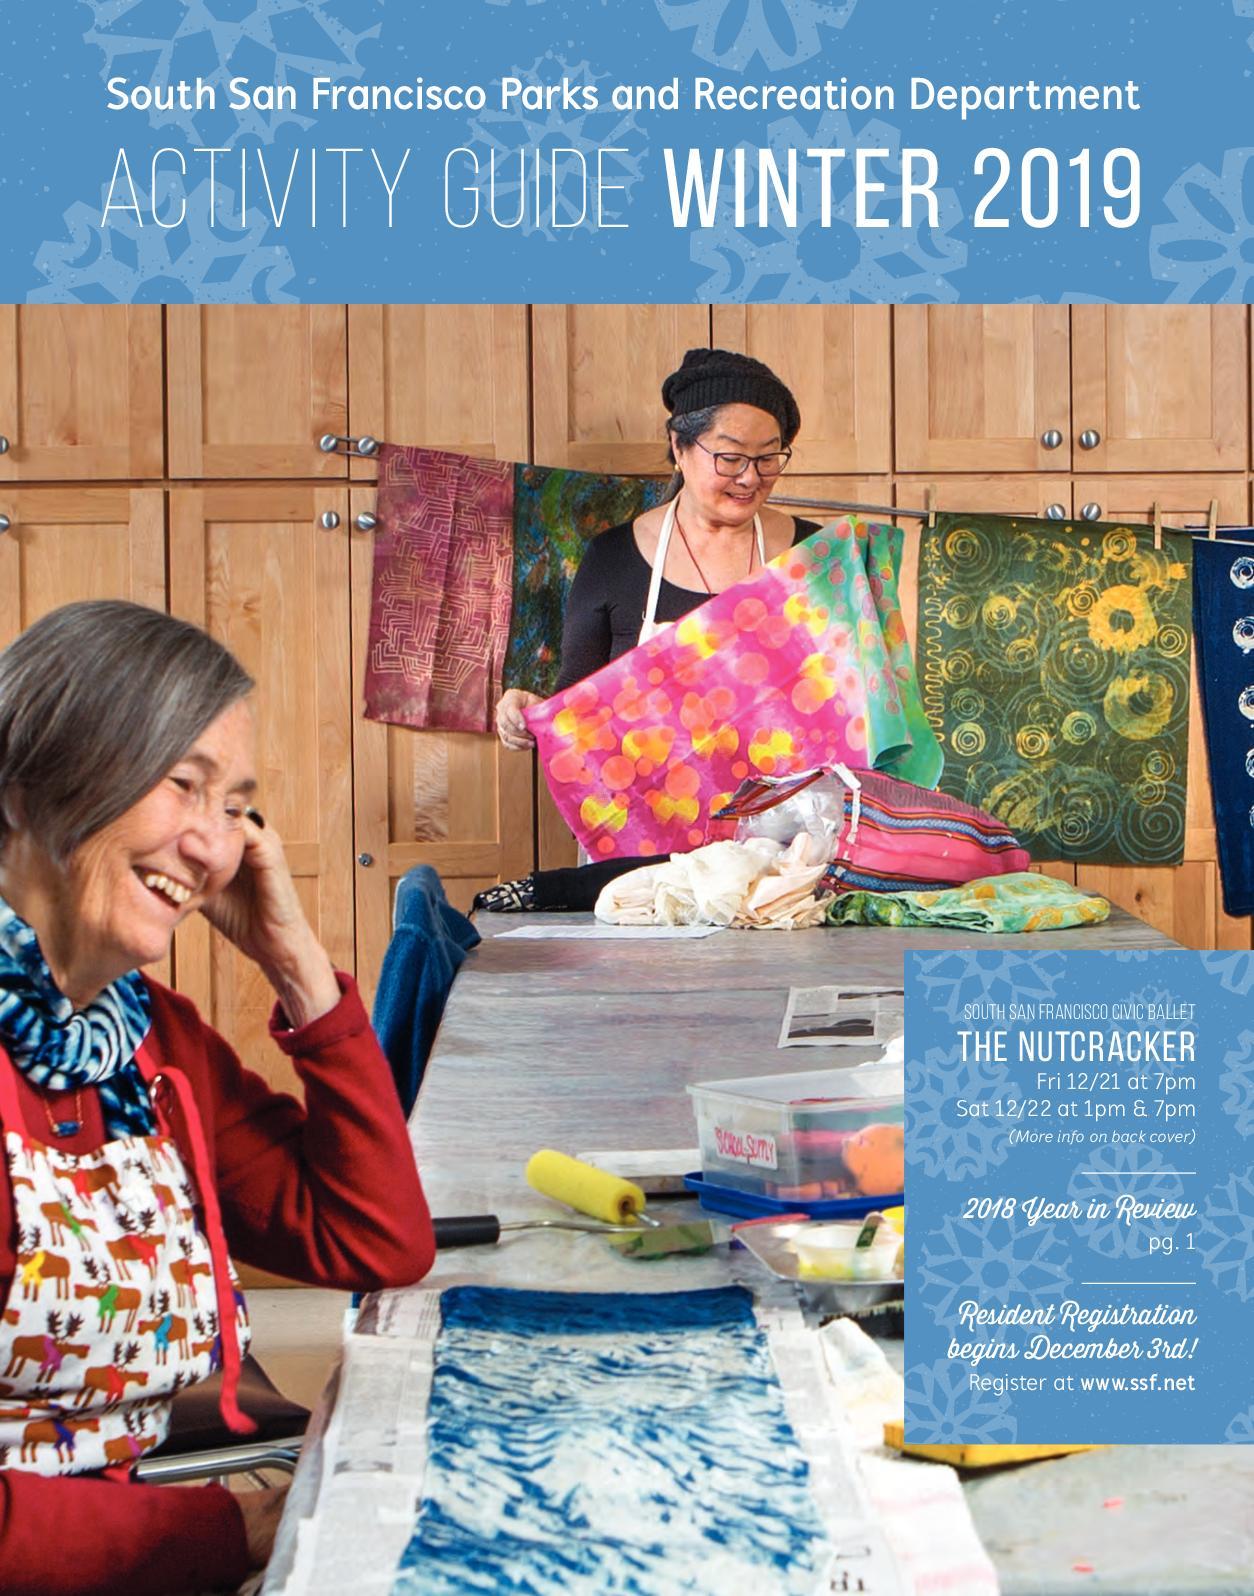 Calaméo South San Francisco Winter 2019 Activity Guide